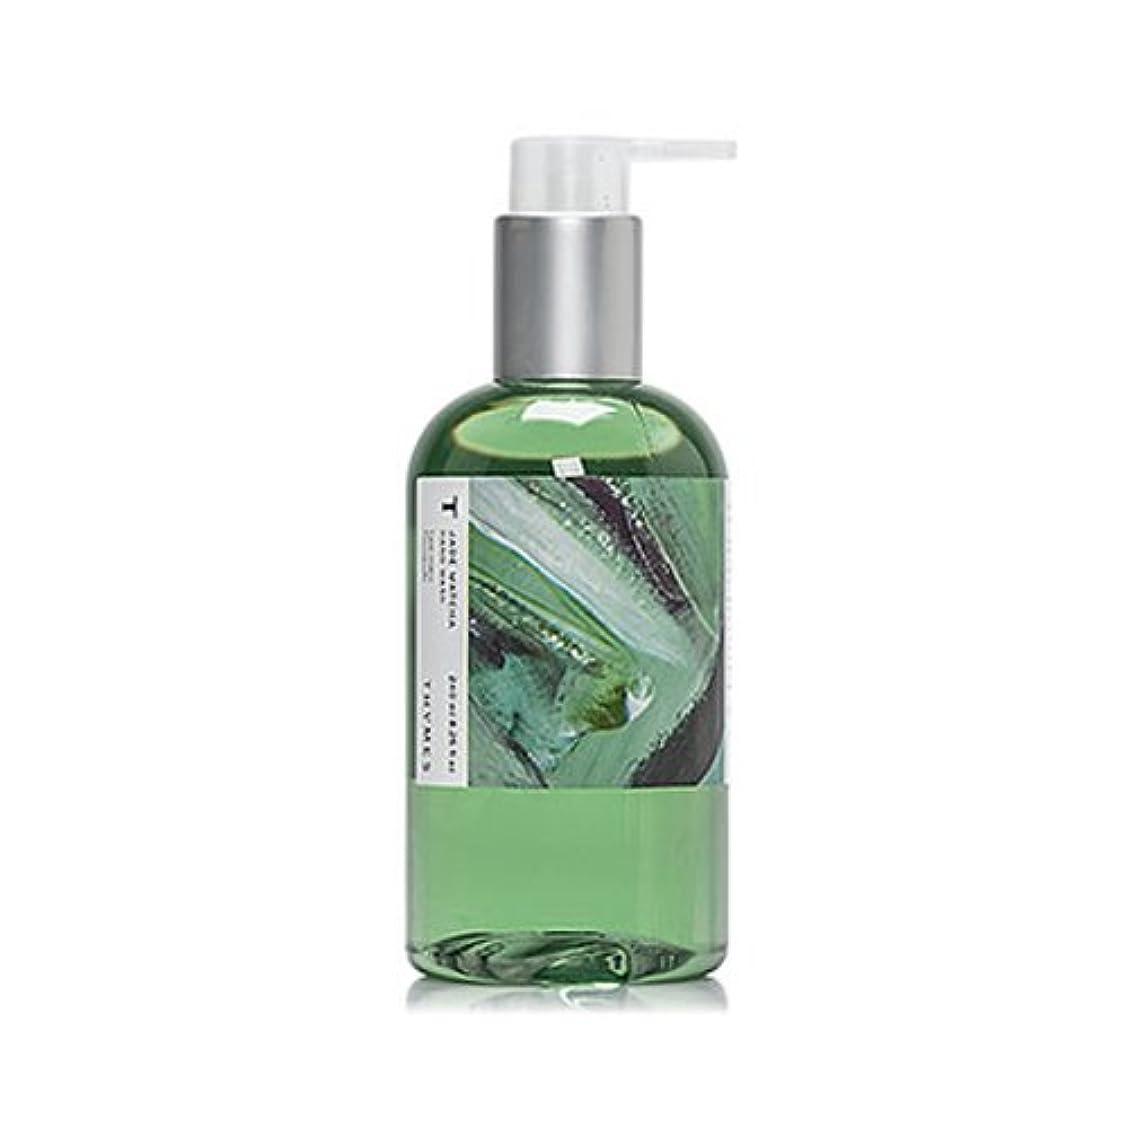 驚き無条件ボウルTHYMES タイムズ ハンドウォッシュ 240ml ジェイド抹茶 Hand Wash 8.25 fl oz Jade Matcha [並行輸入品]